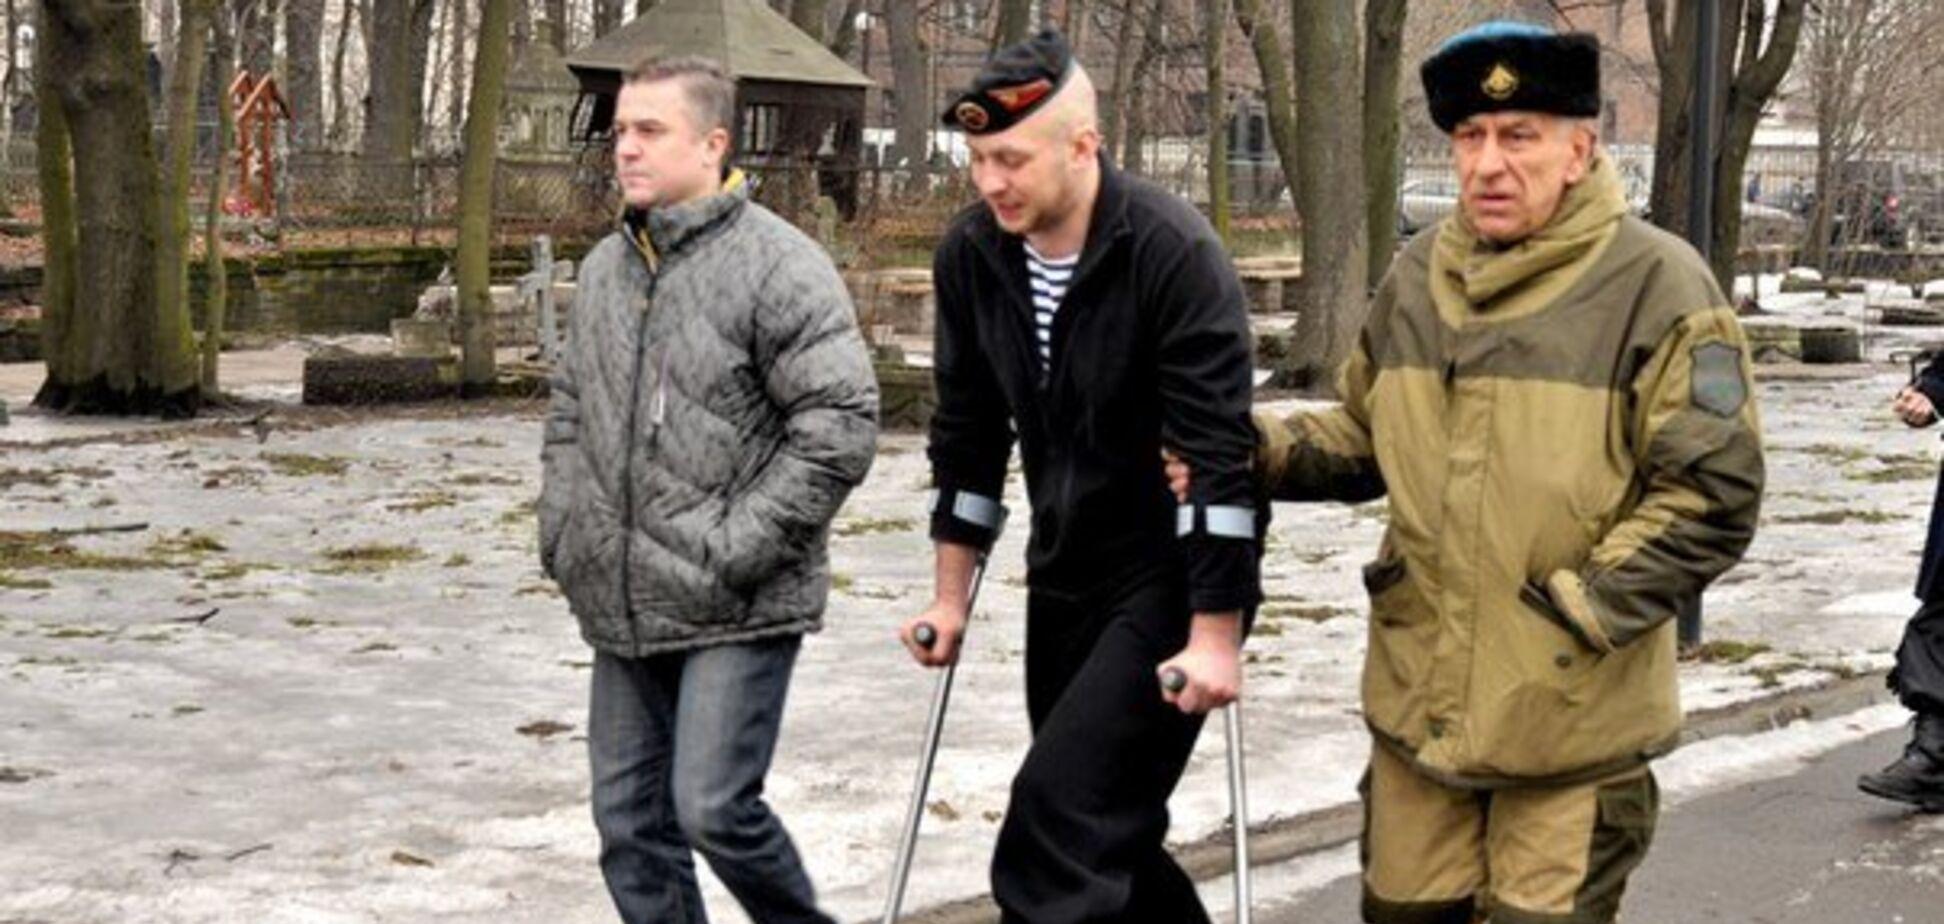 Владимир Скопионов на костылях (источник: Новая газета)